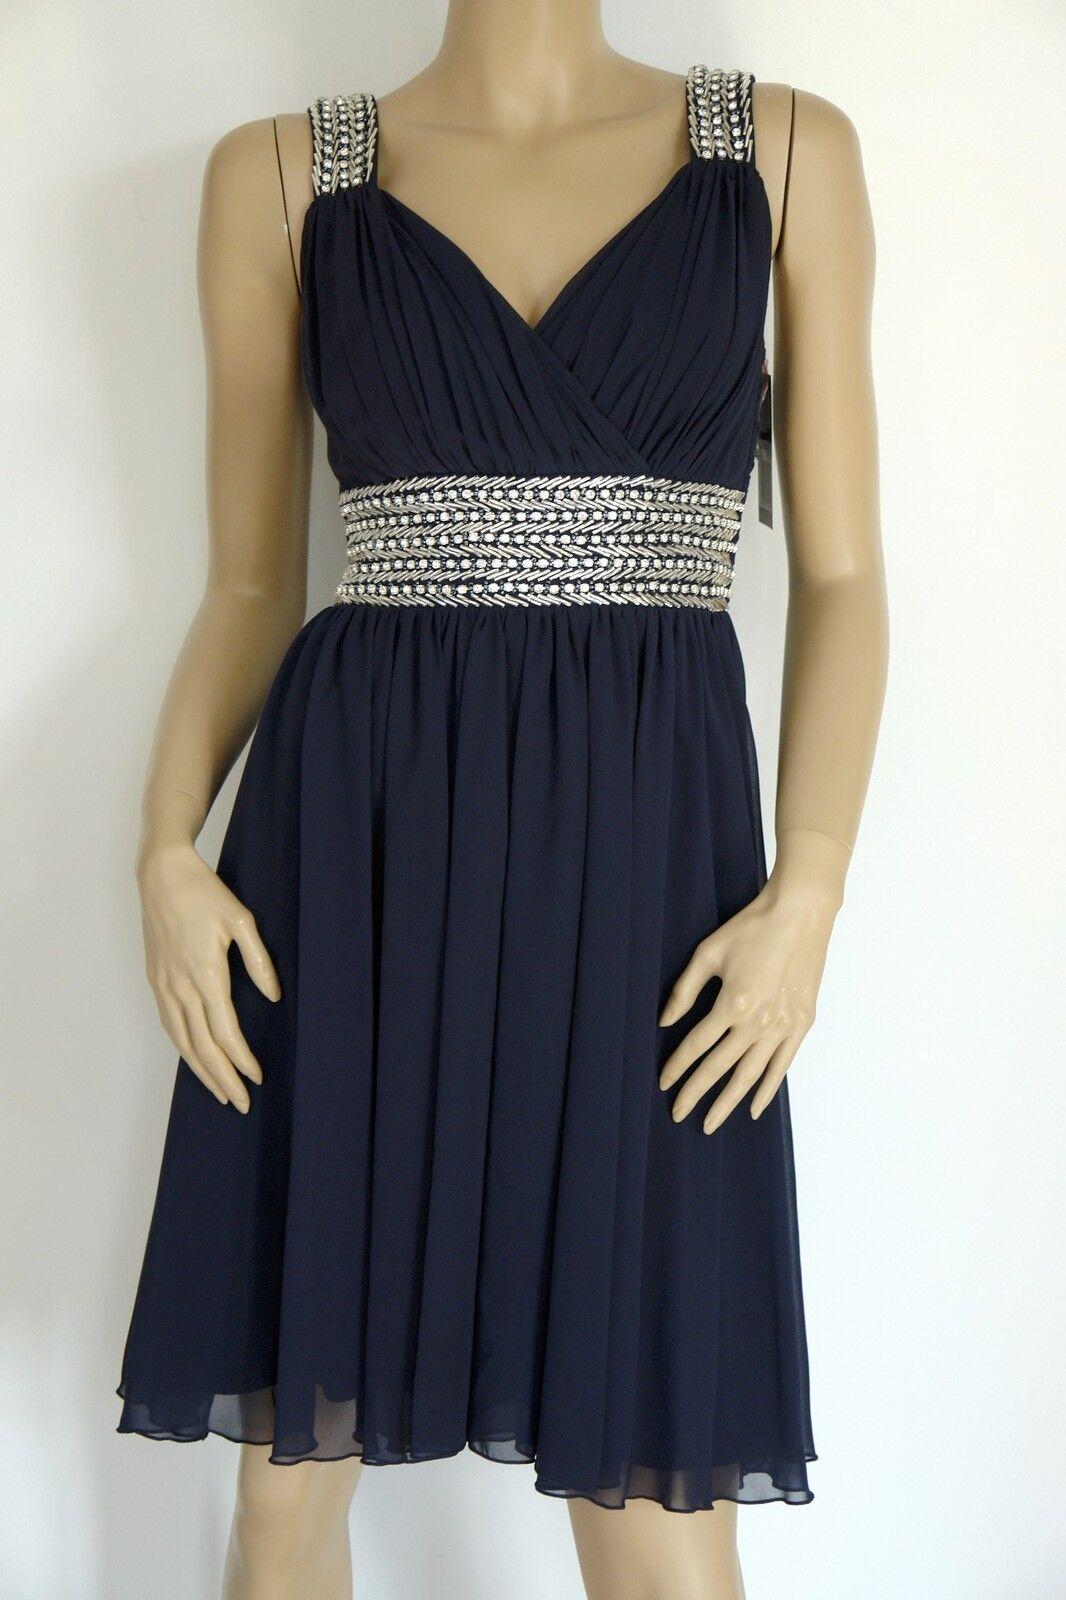 Ashley Brooke  tolles Abendkleid Cocktailkleid Kleid  dunkelblau  NEU